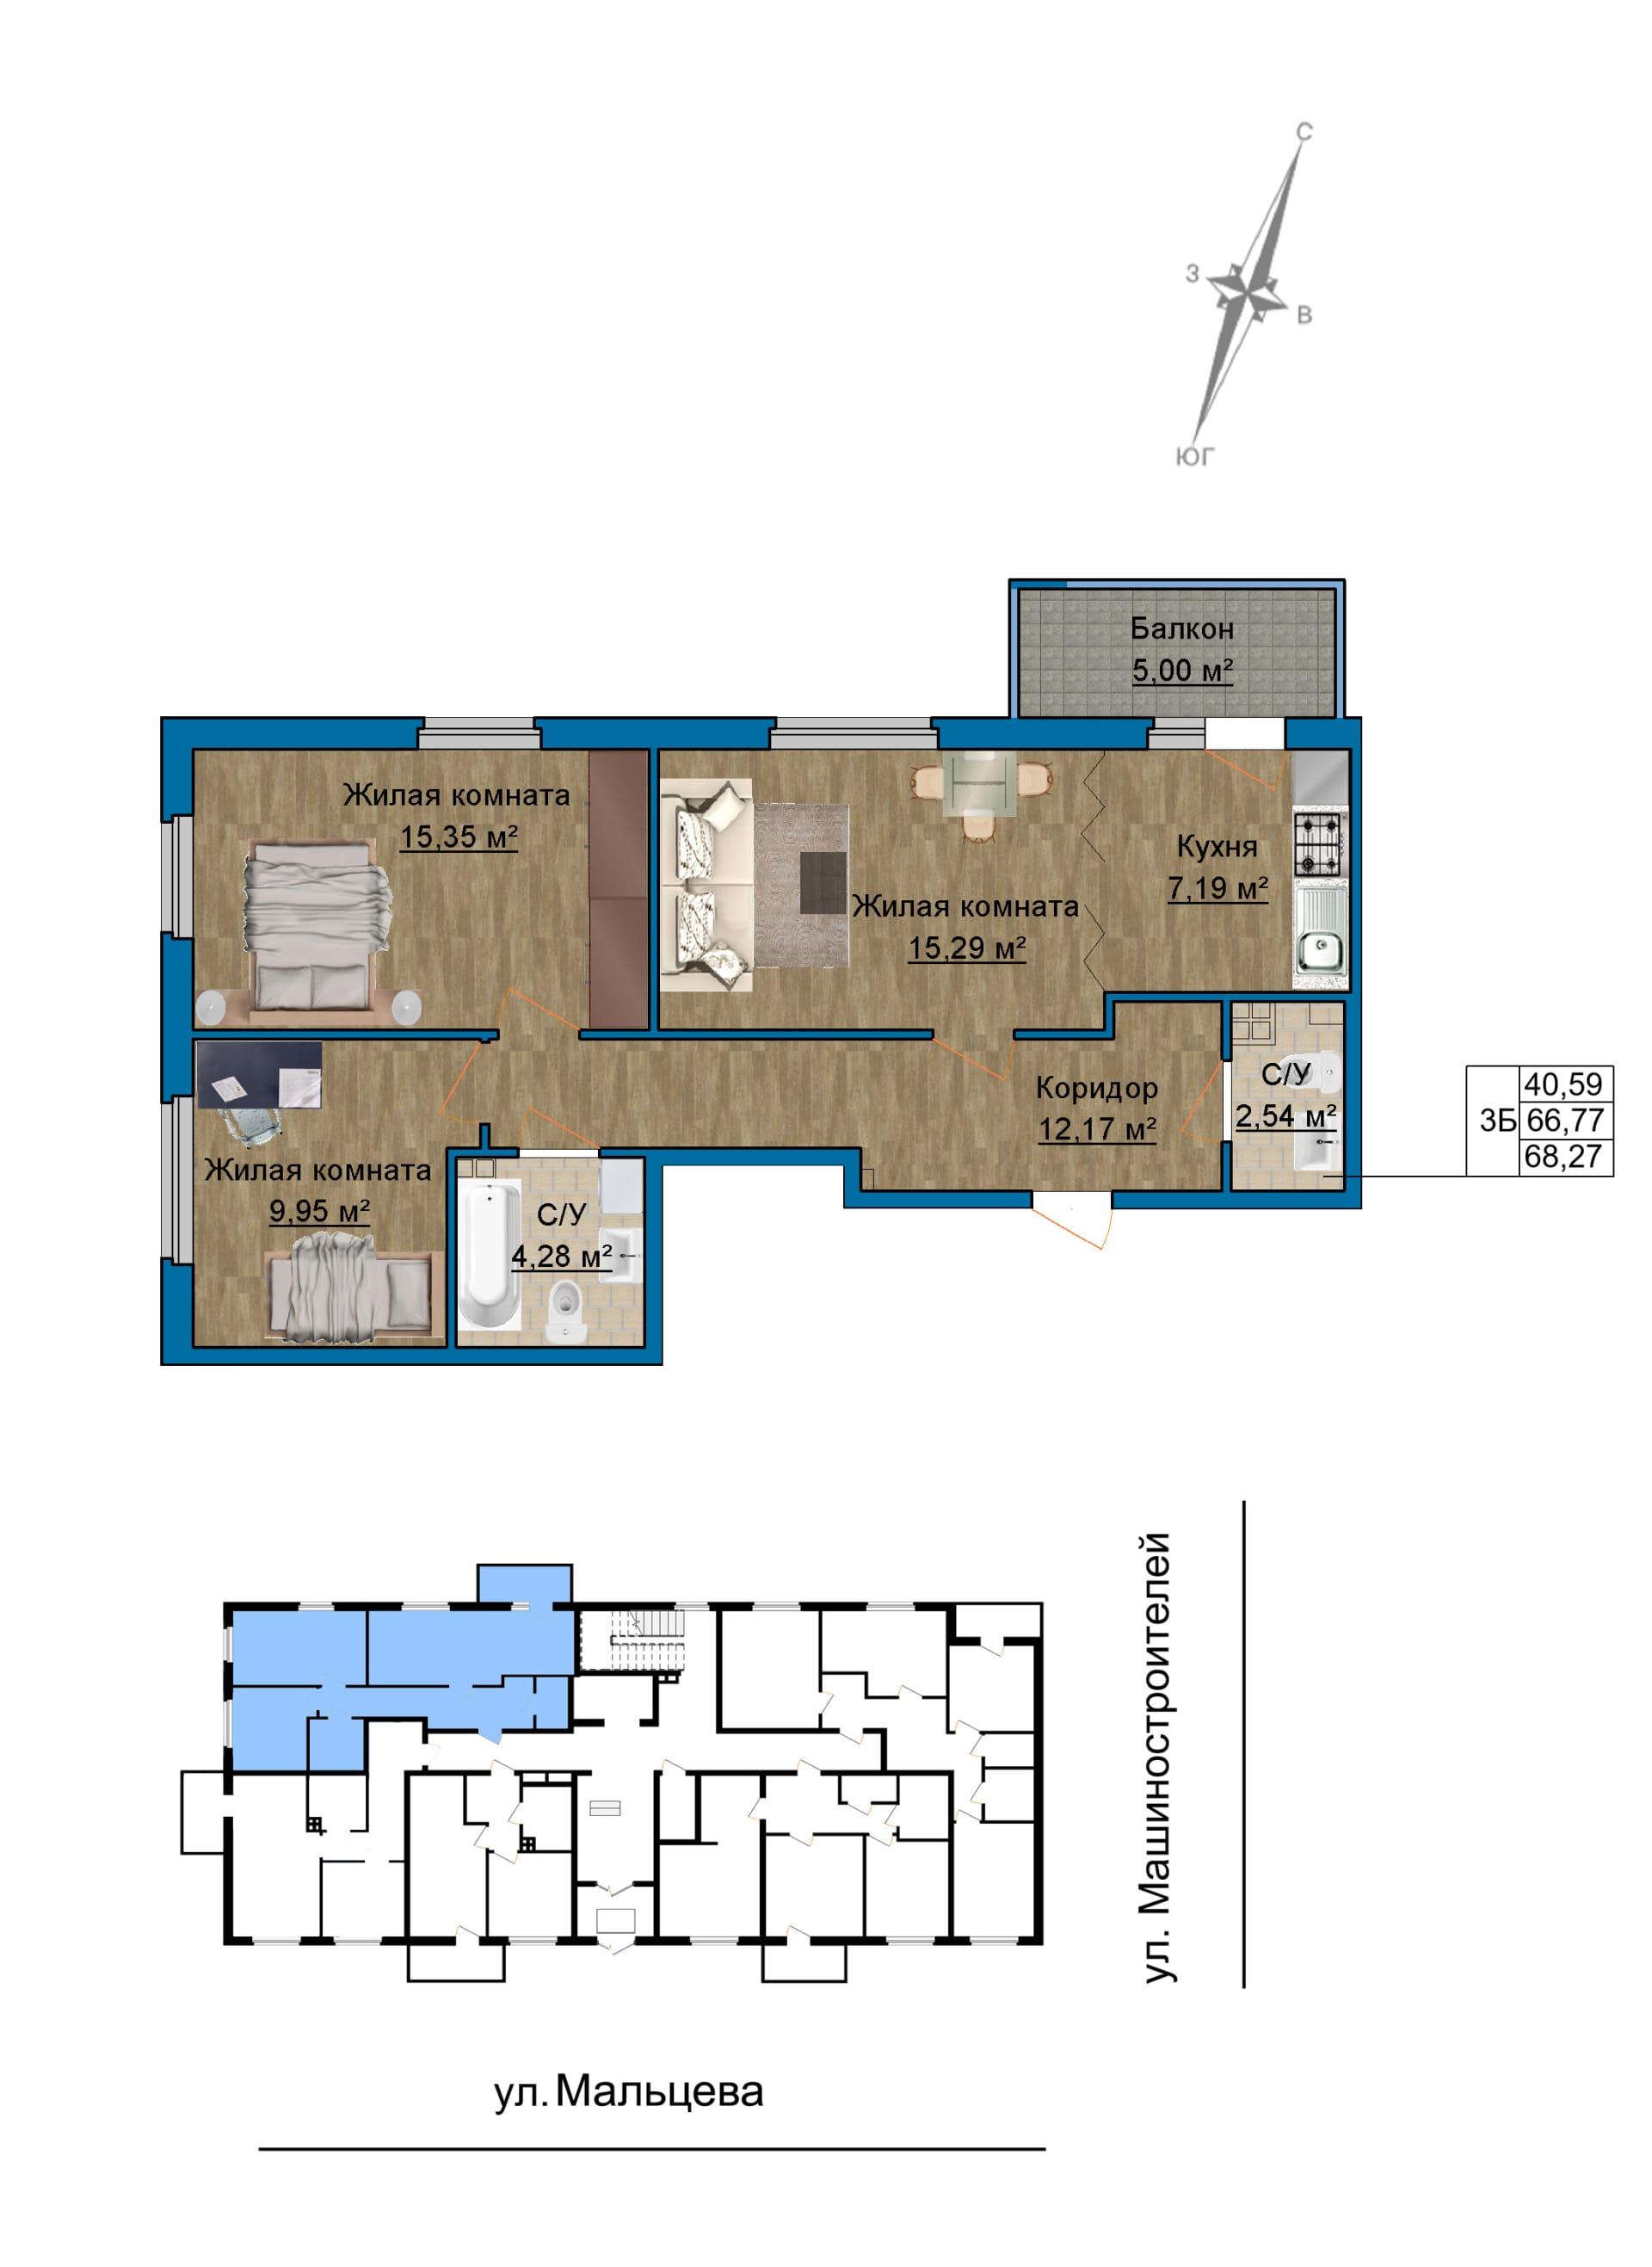 Квартира №5